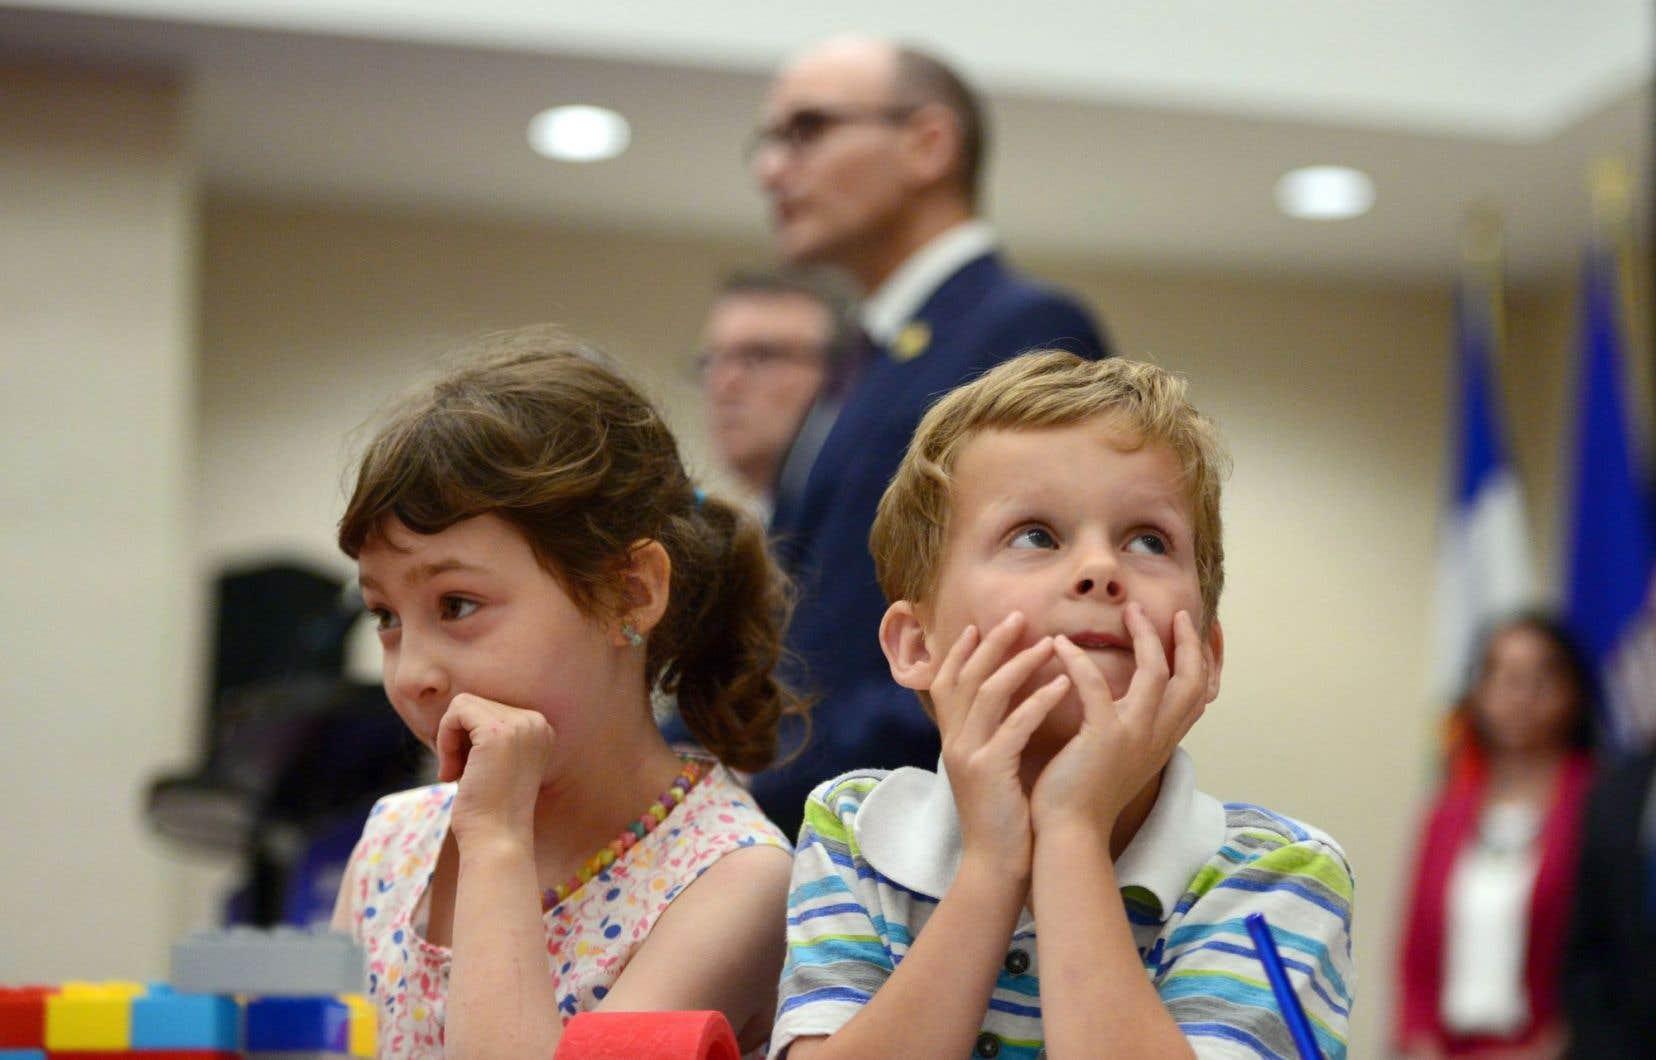 Des enfants ont été mis à contribution dans le cadre de l'annonce du ministre fédéral du Développement social, Jean-Yves Duclos, portant sur les garderies.